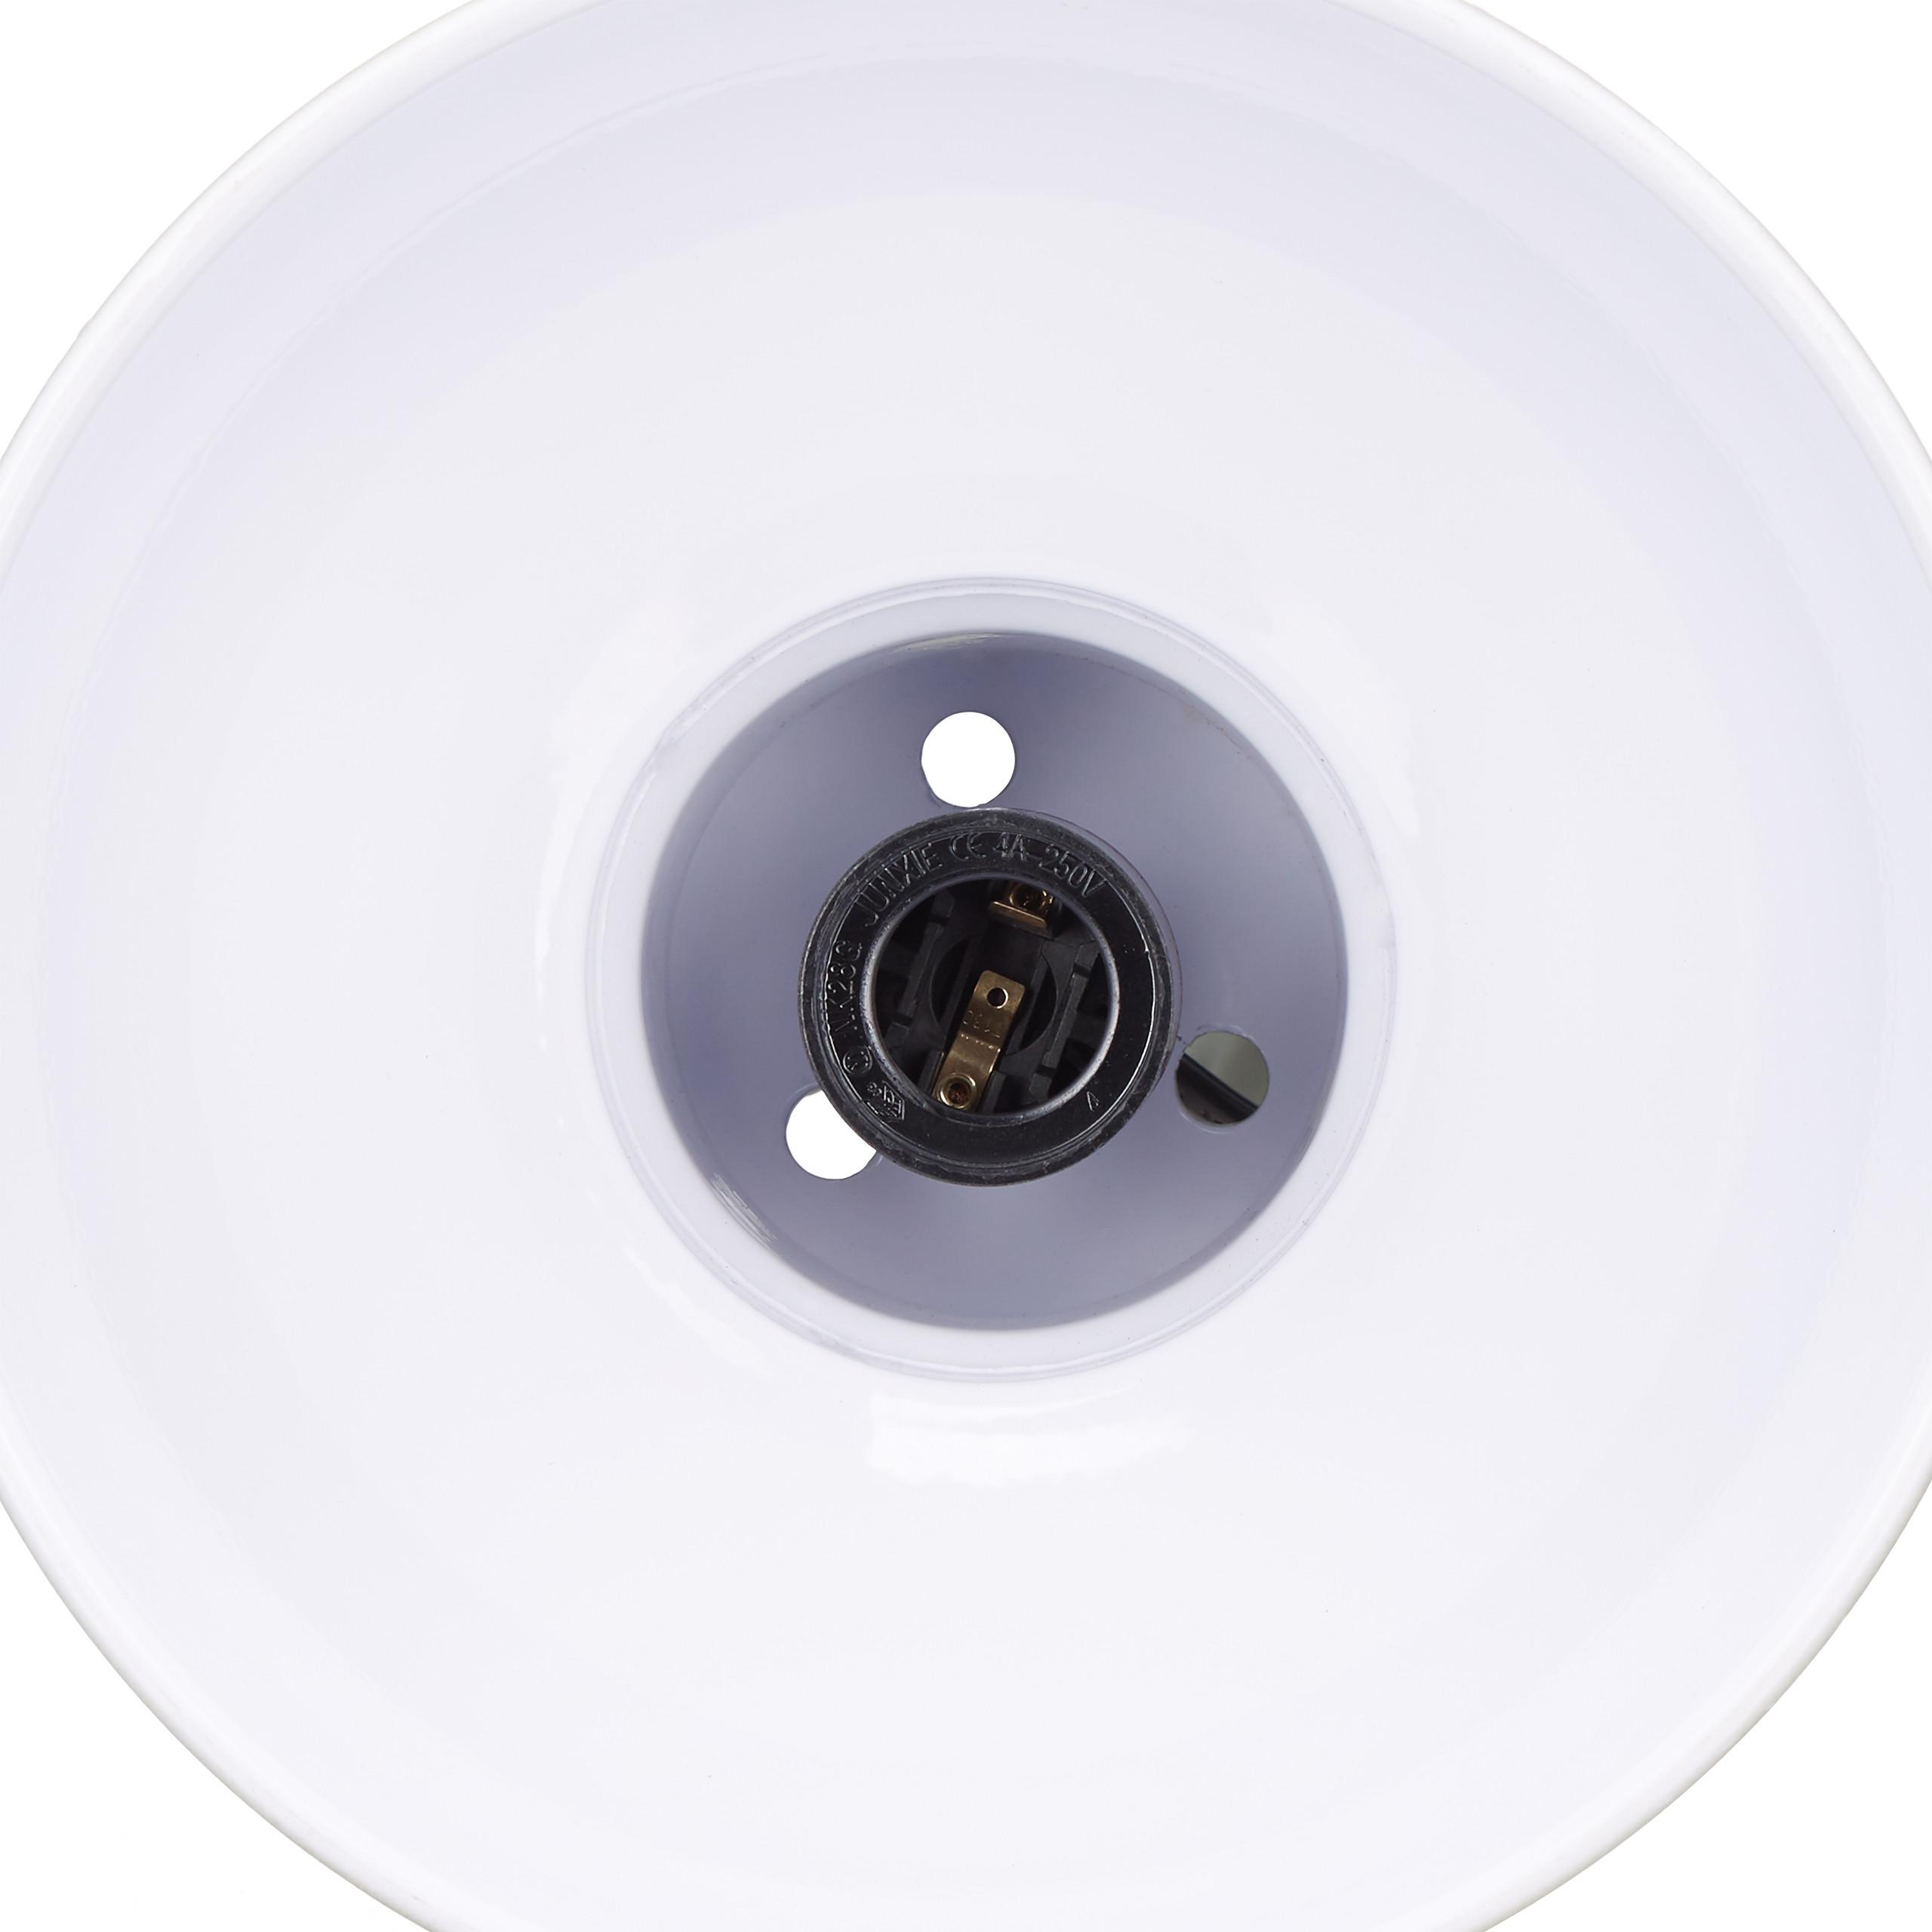 Indexbild 18 - Hängelampe Industrial klein in 3 Farben, Pendelleuchte shabby retro Leuchte Deko